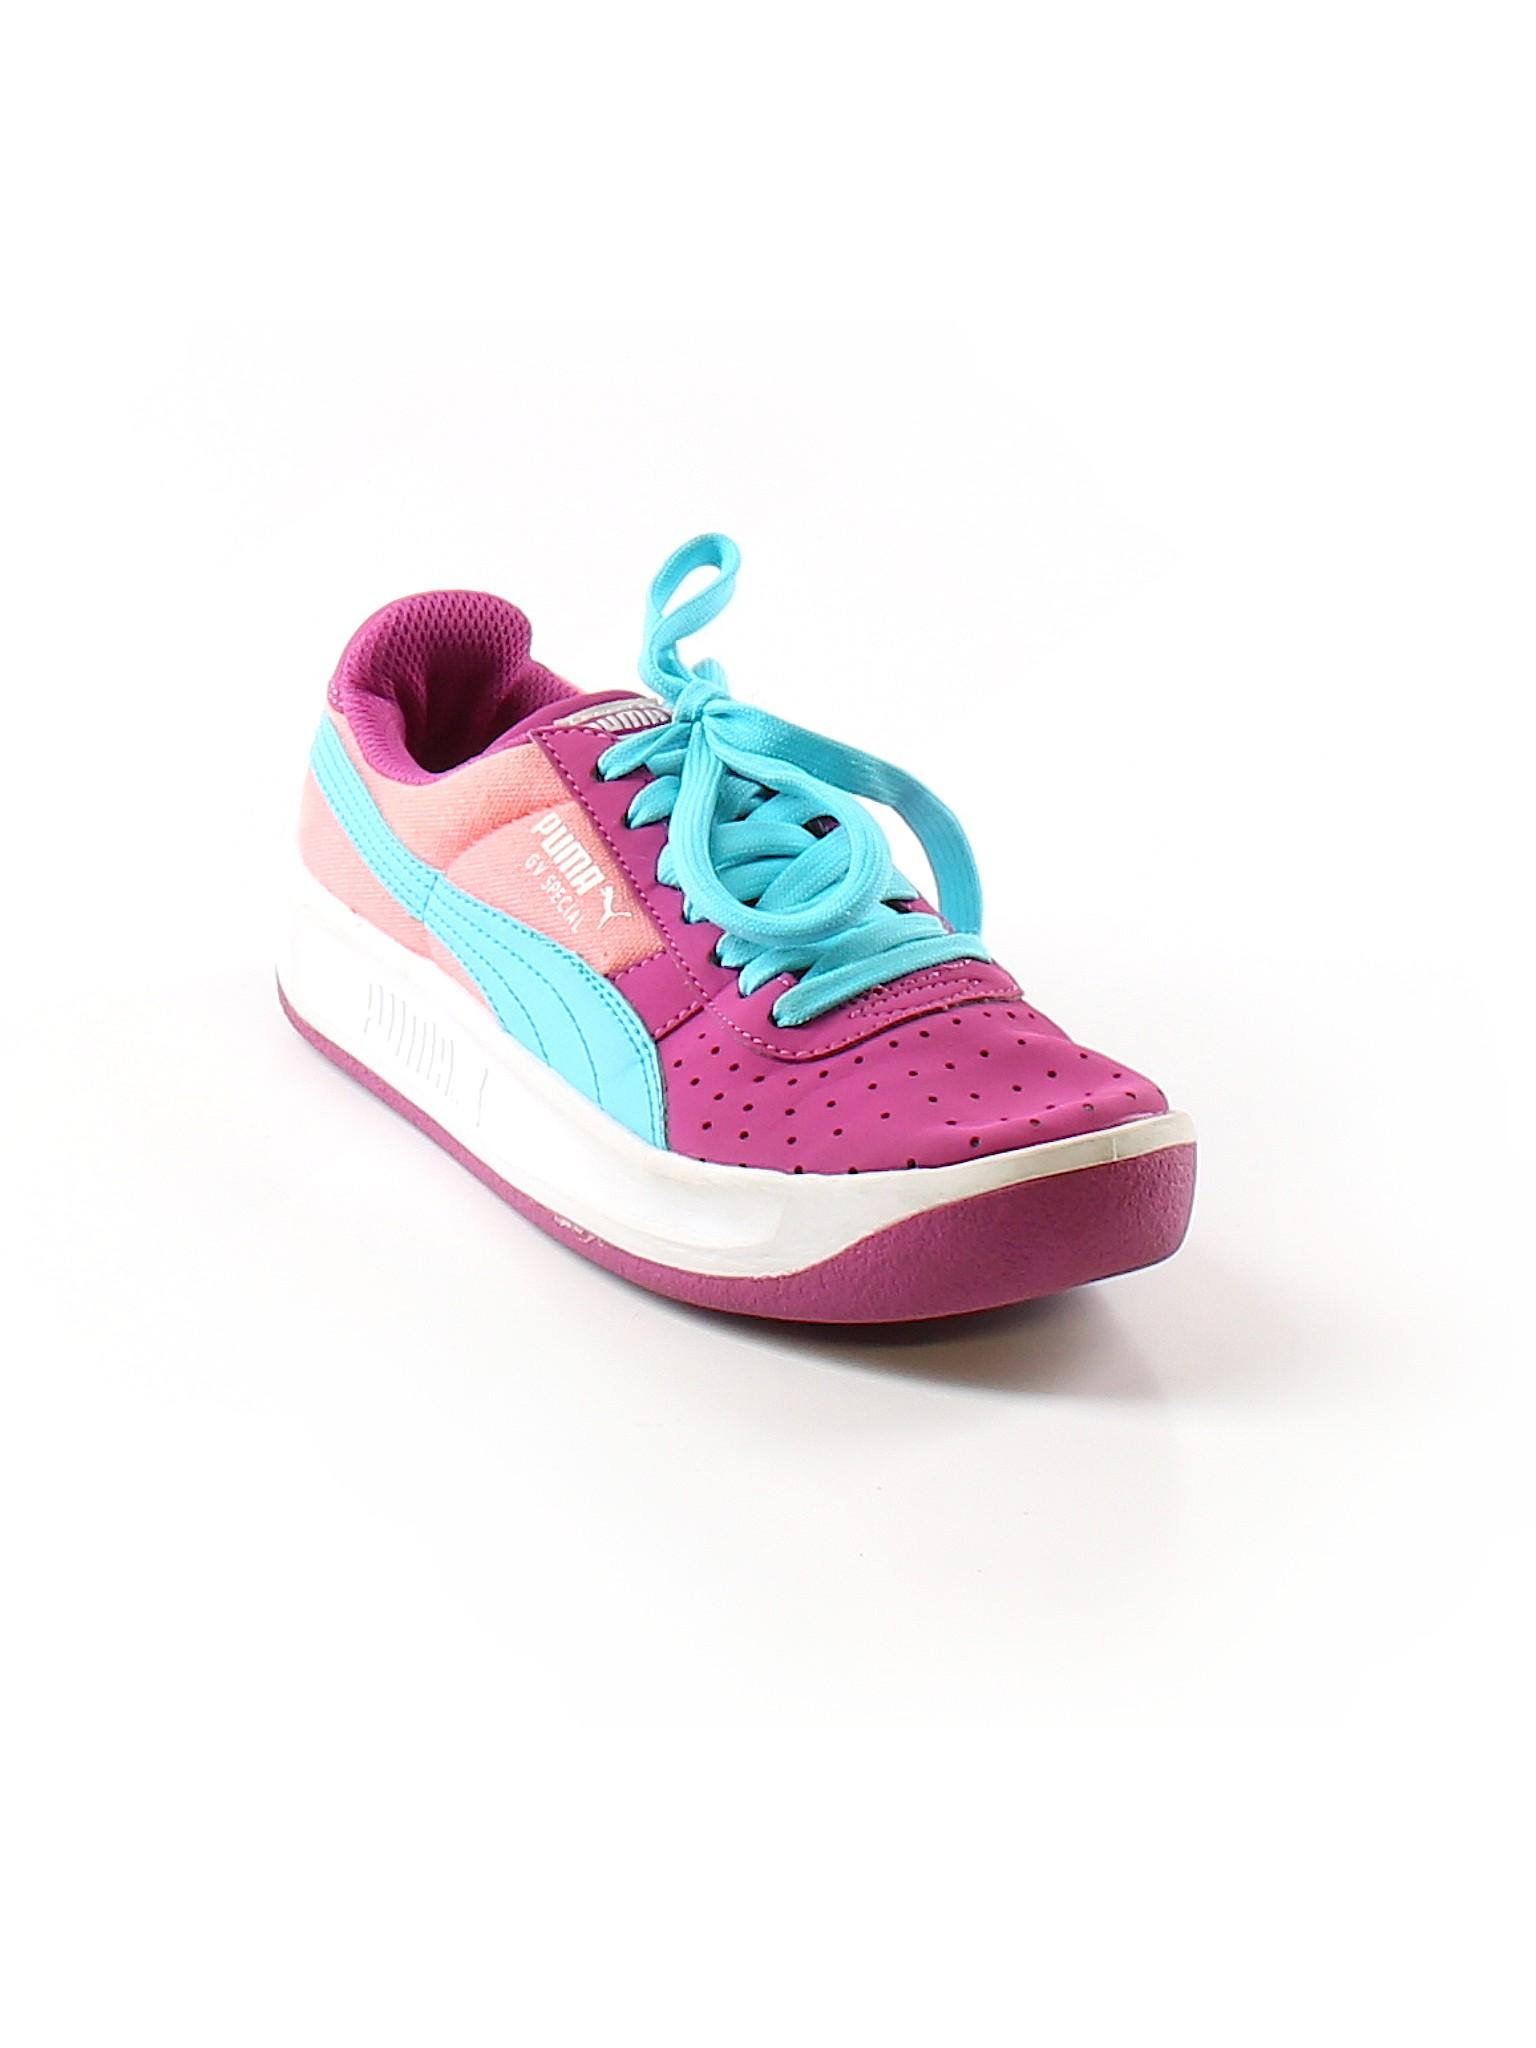 Boutique promotion Puma Boutique Sneakers Sneakers Boutique promotion Puma E5Fqwwpn